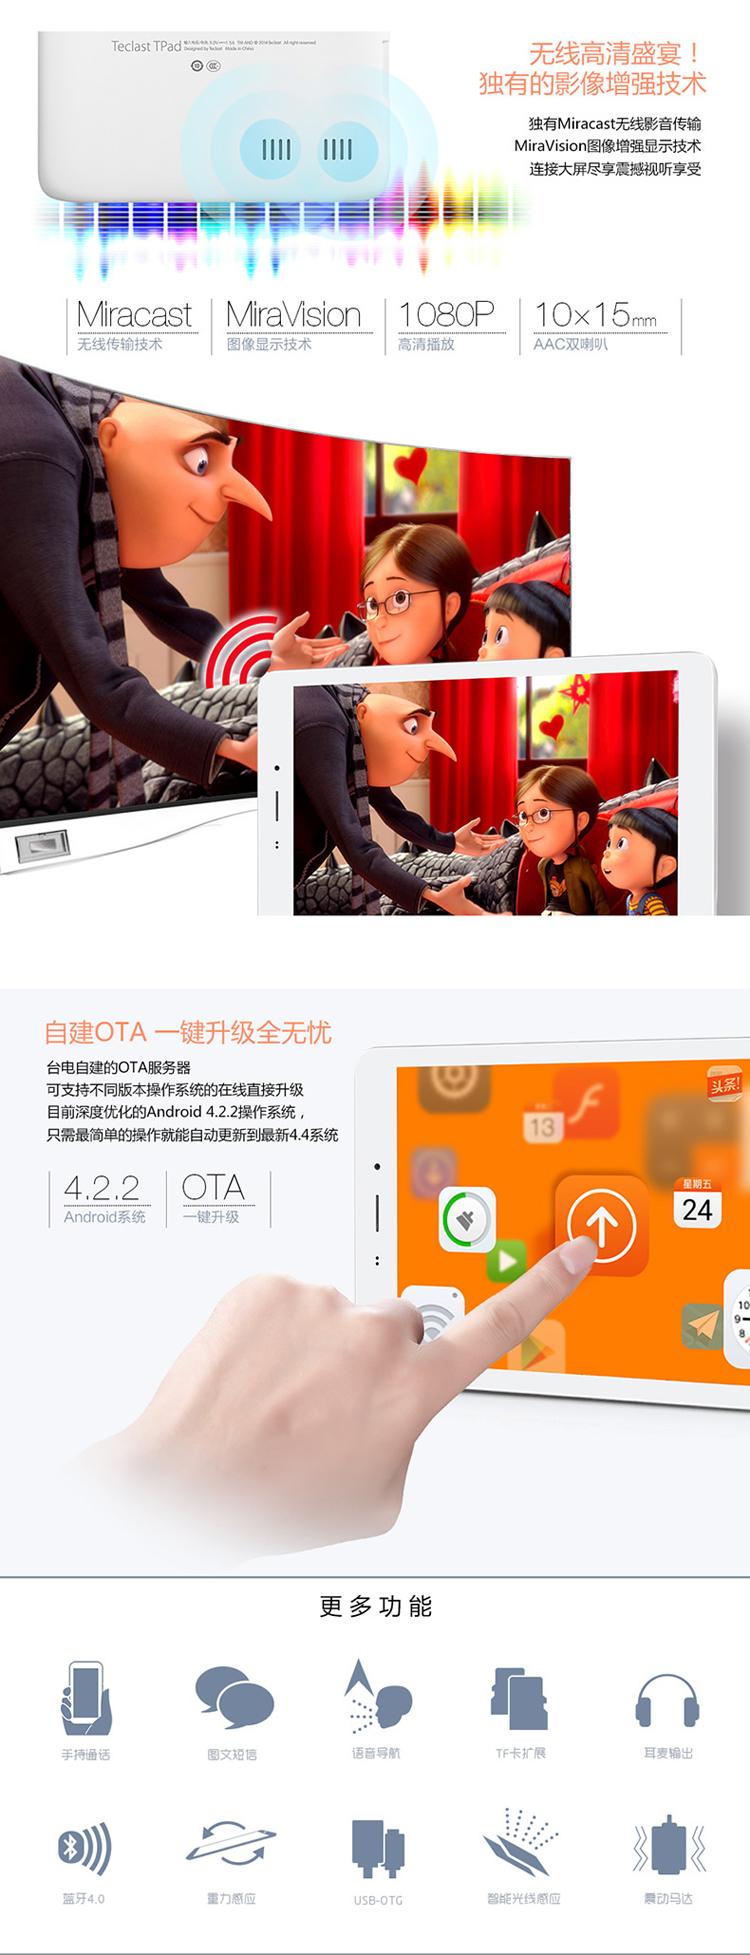 郑州联鑫电子科技台电